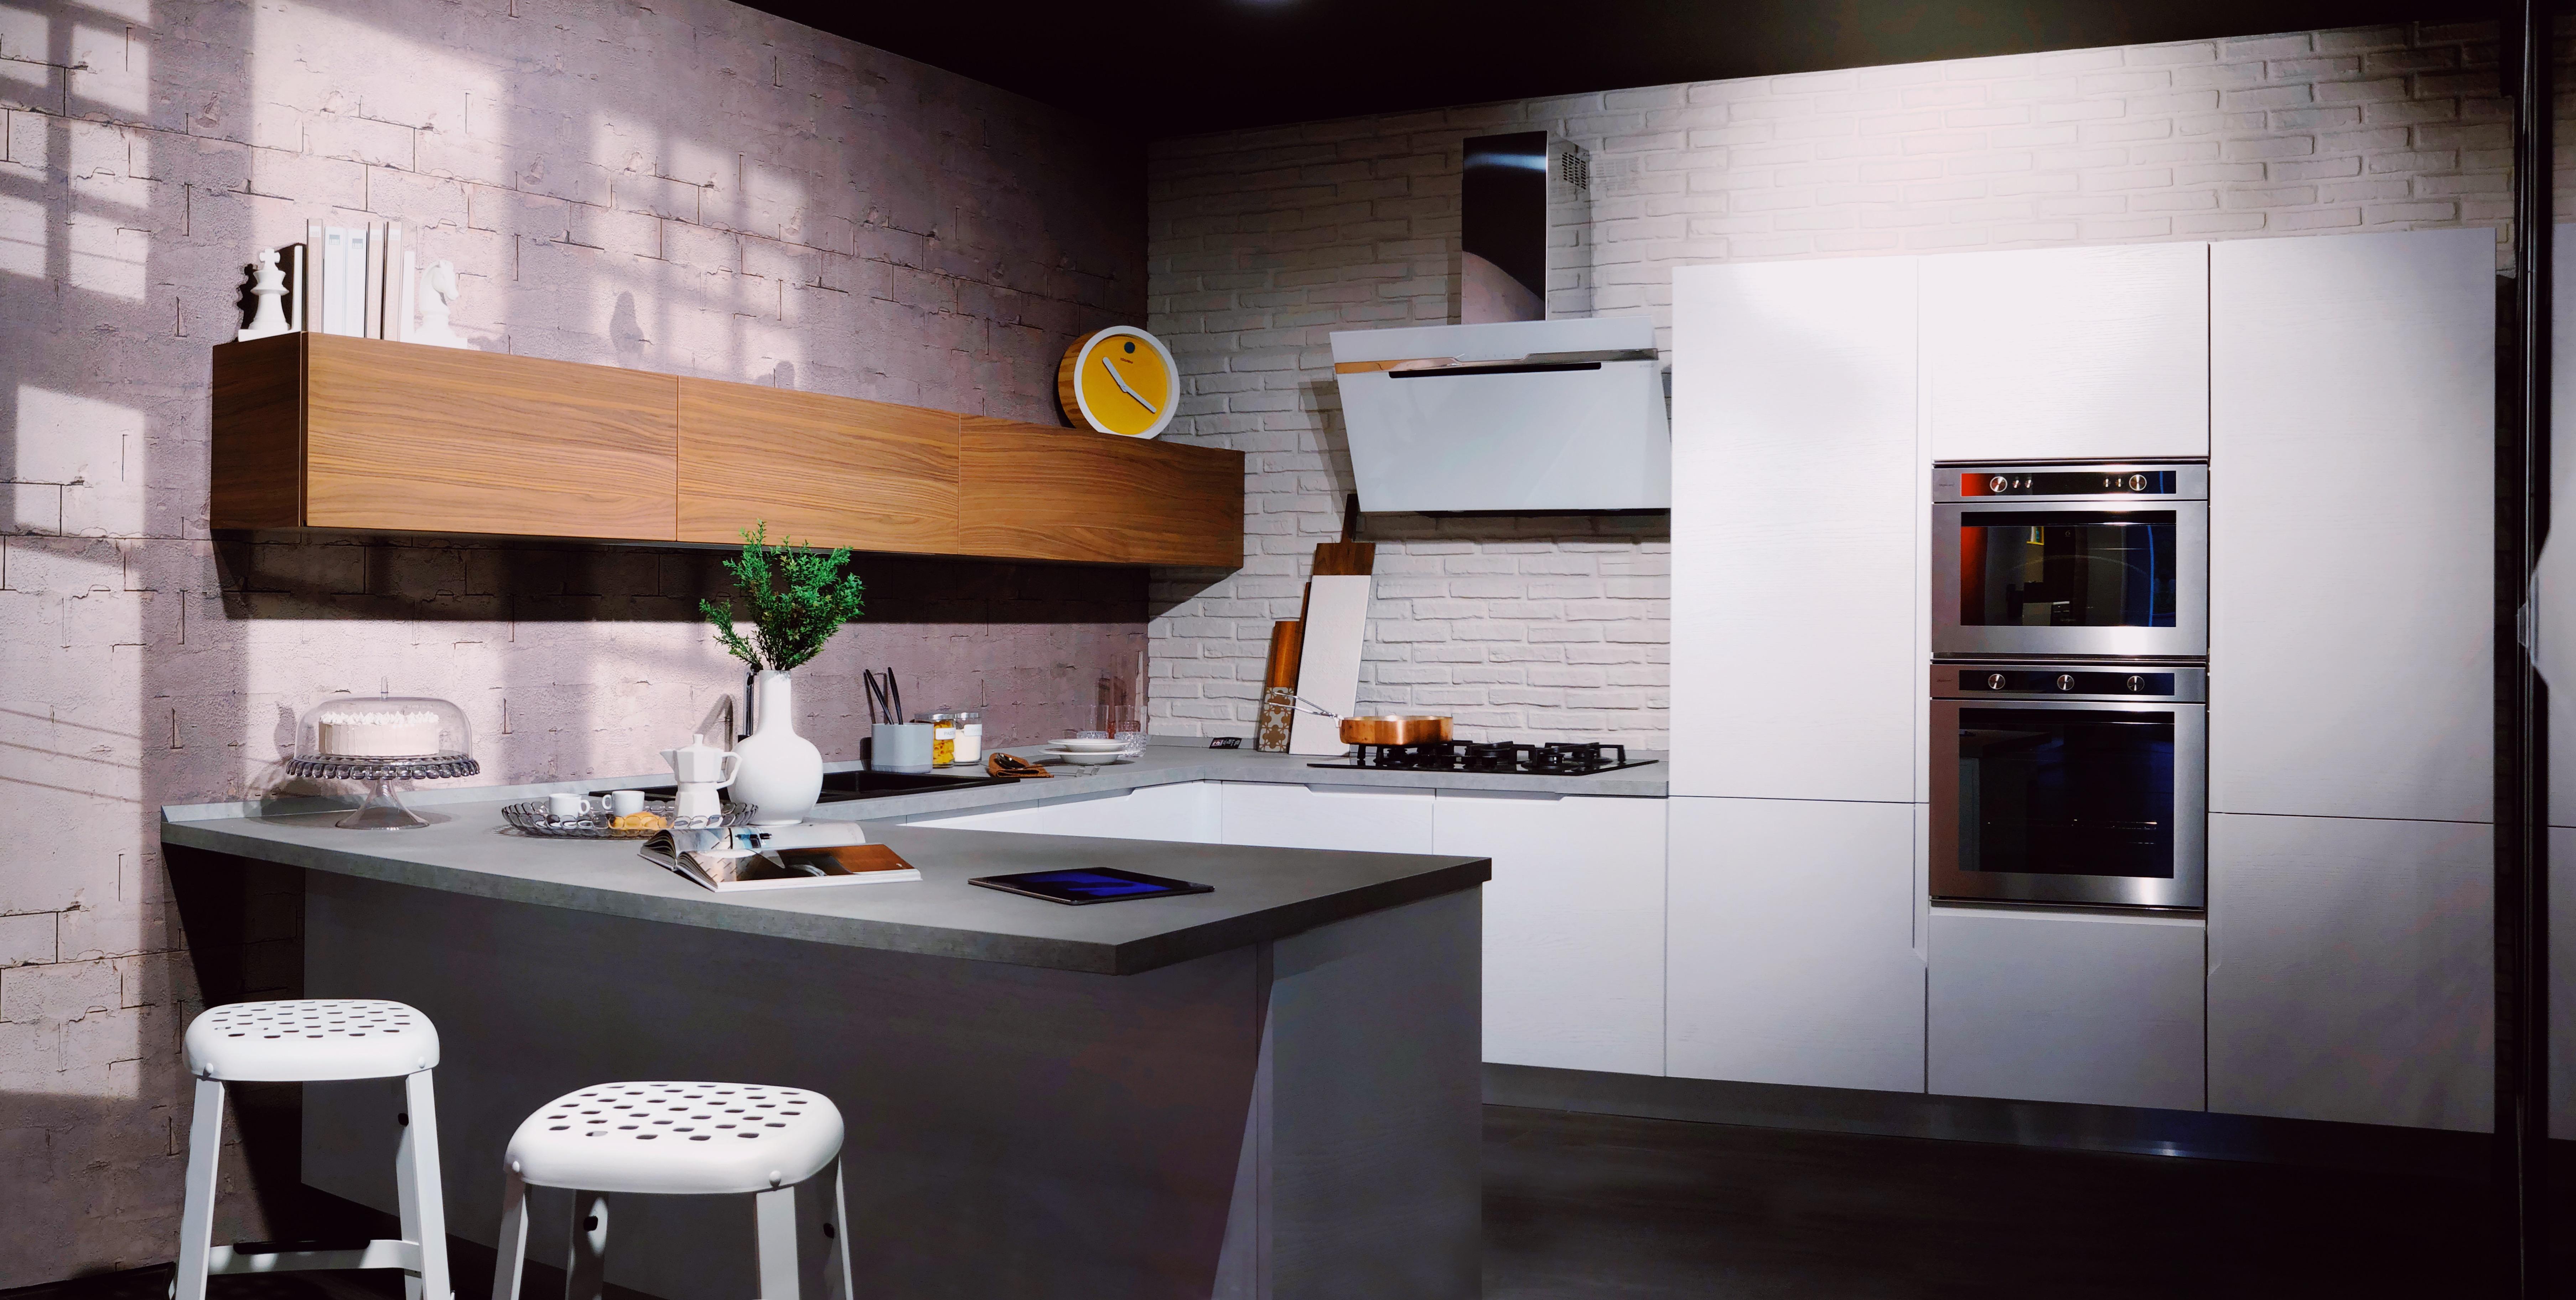 Gambula holiday gift guide 15 oggetti di design per la tua cucina moderna gambula arredamenti - Oggetti cucina design ...